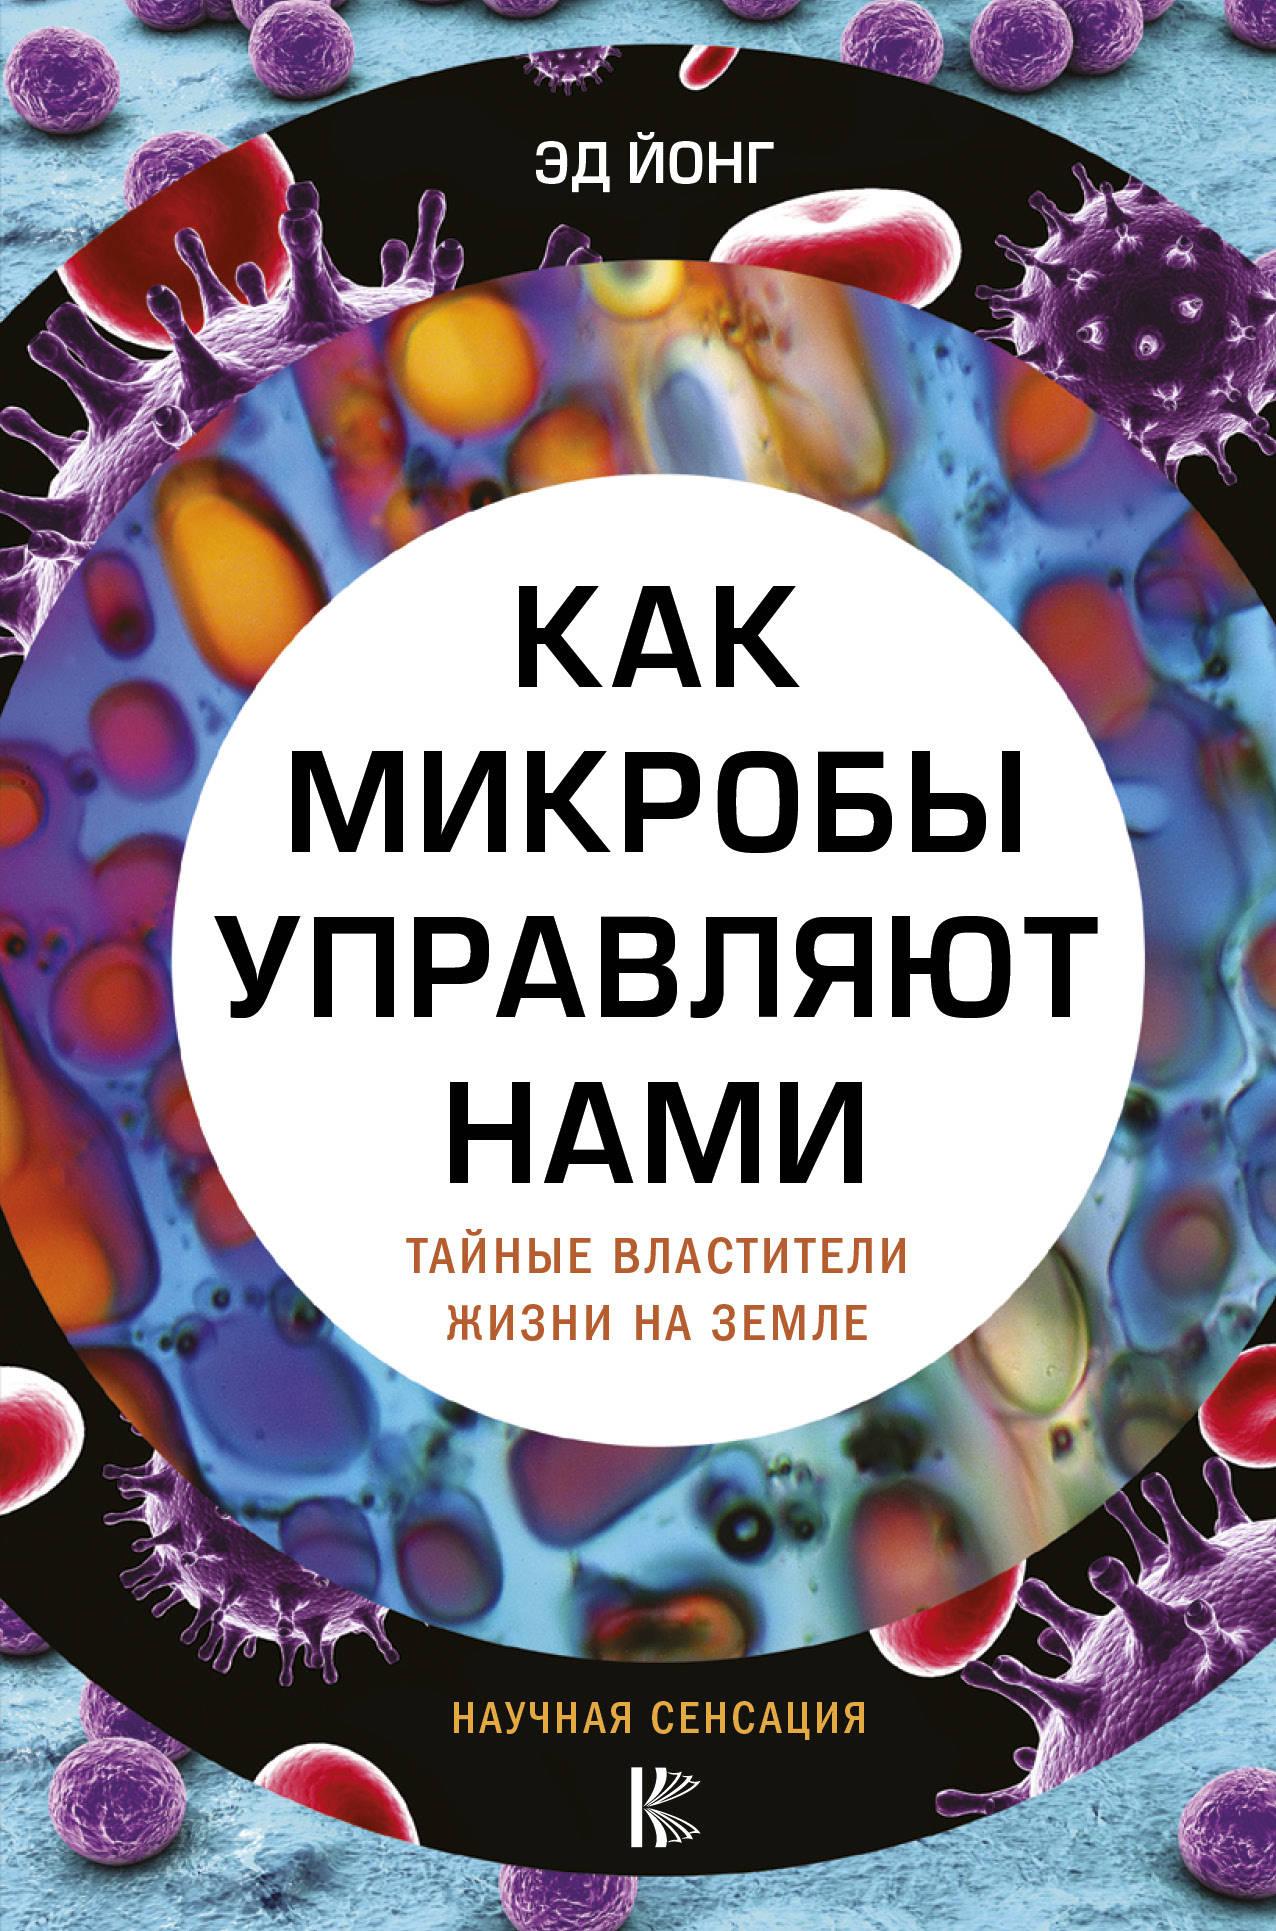 Йонг Э. Как микробы управляют нами. Тайные властители жизни на Земле